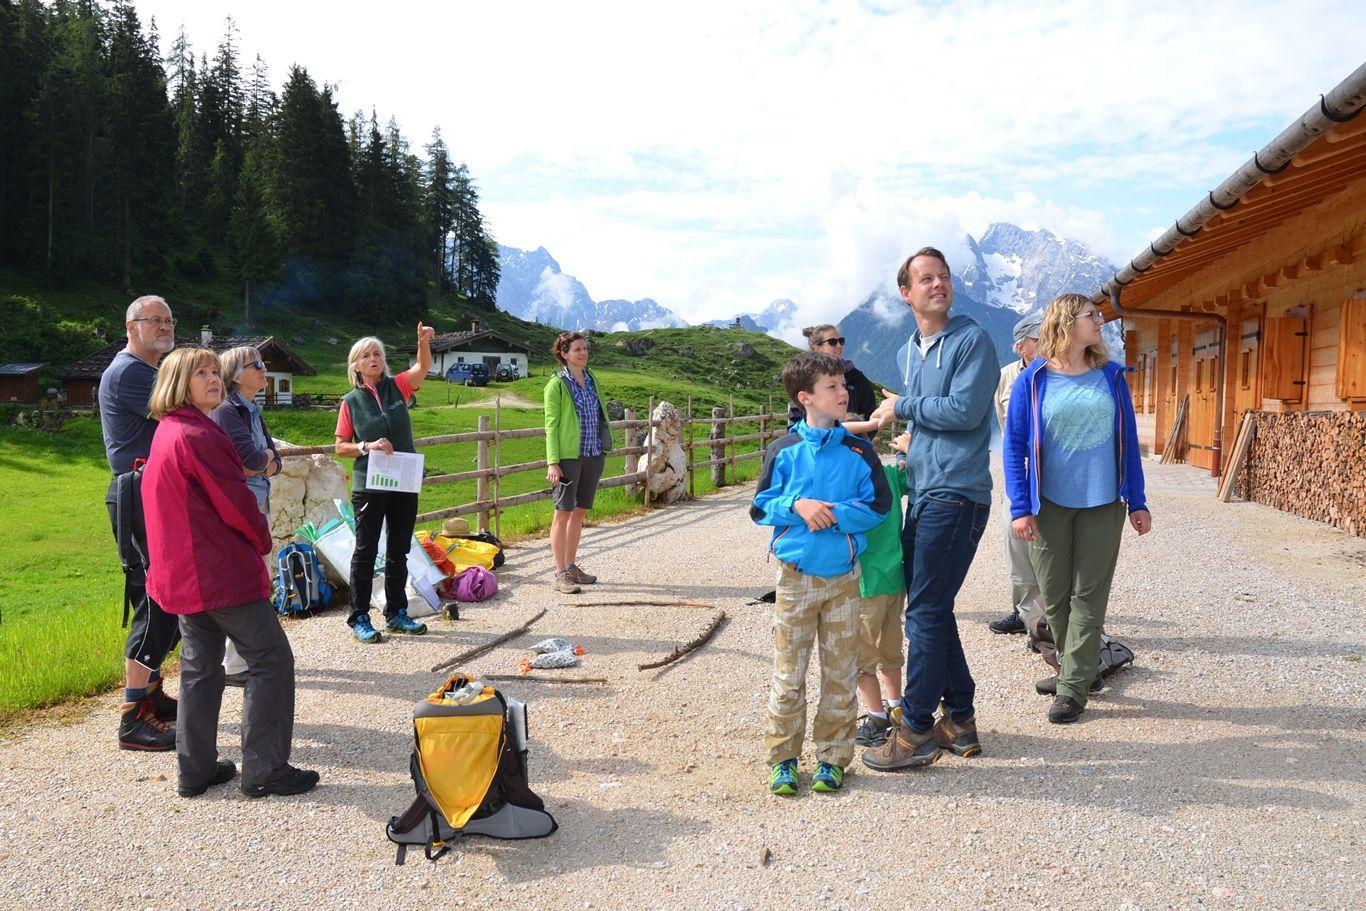 Biosphaerenregion Berchtesgadener Land Einpacken Anpacken 11